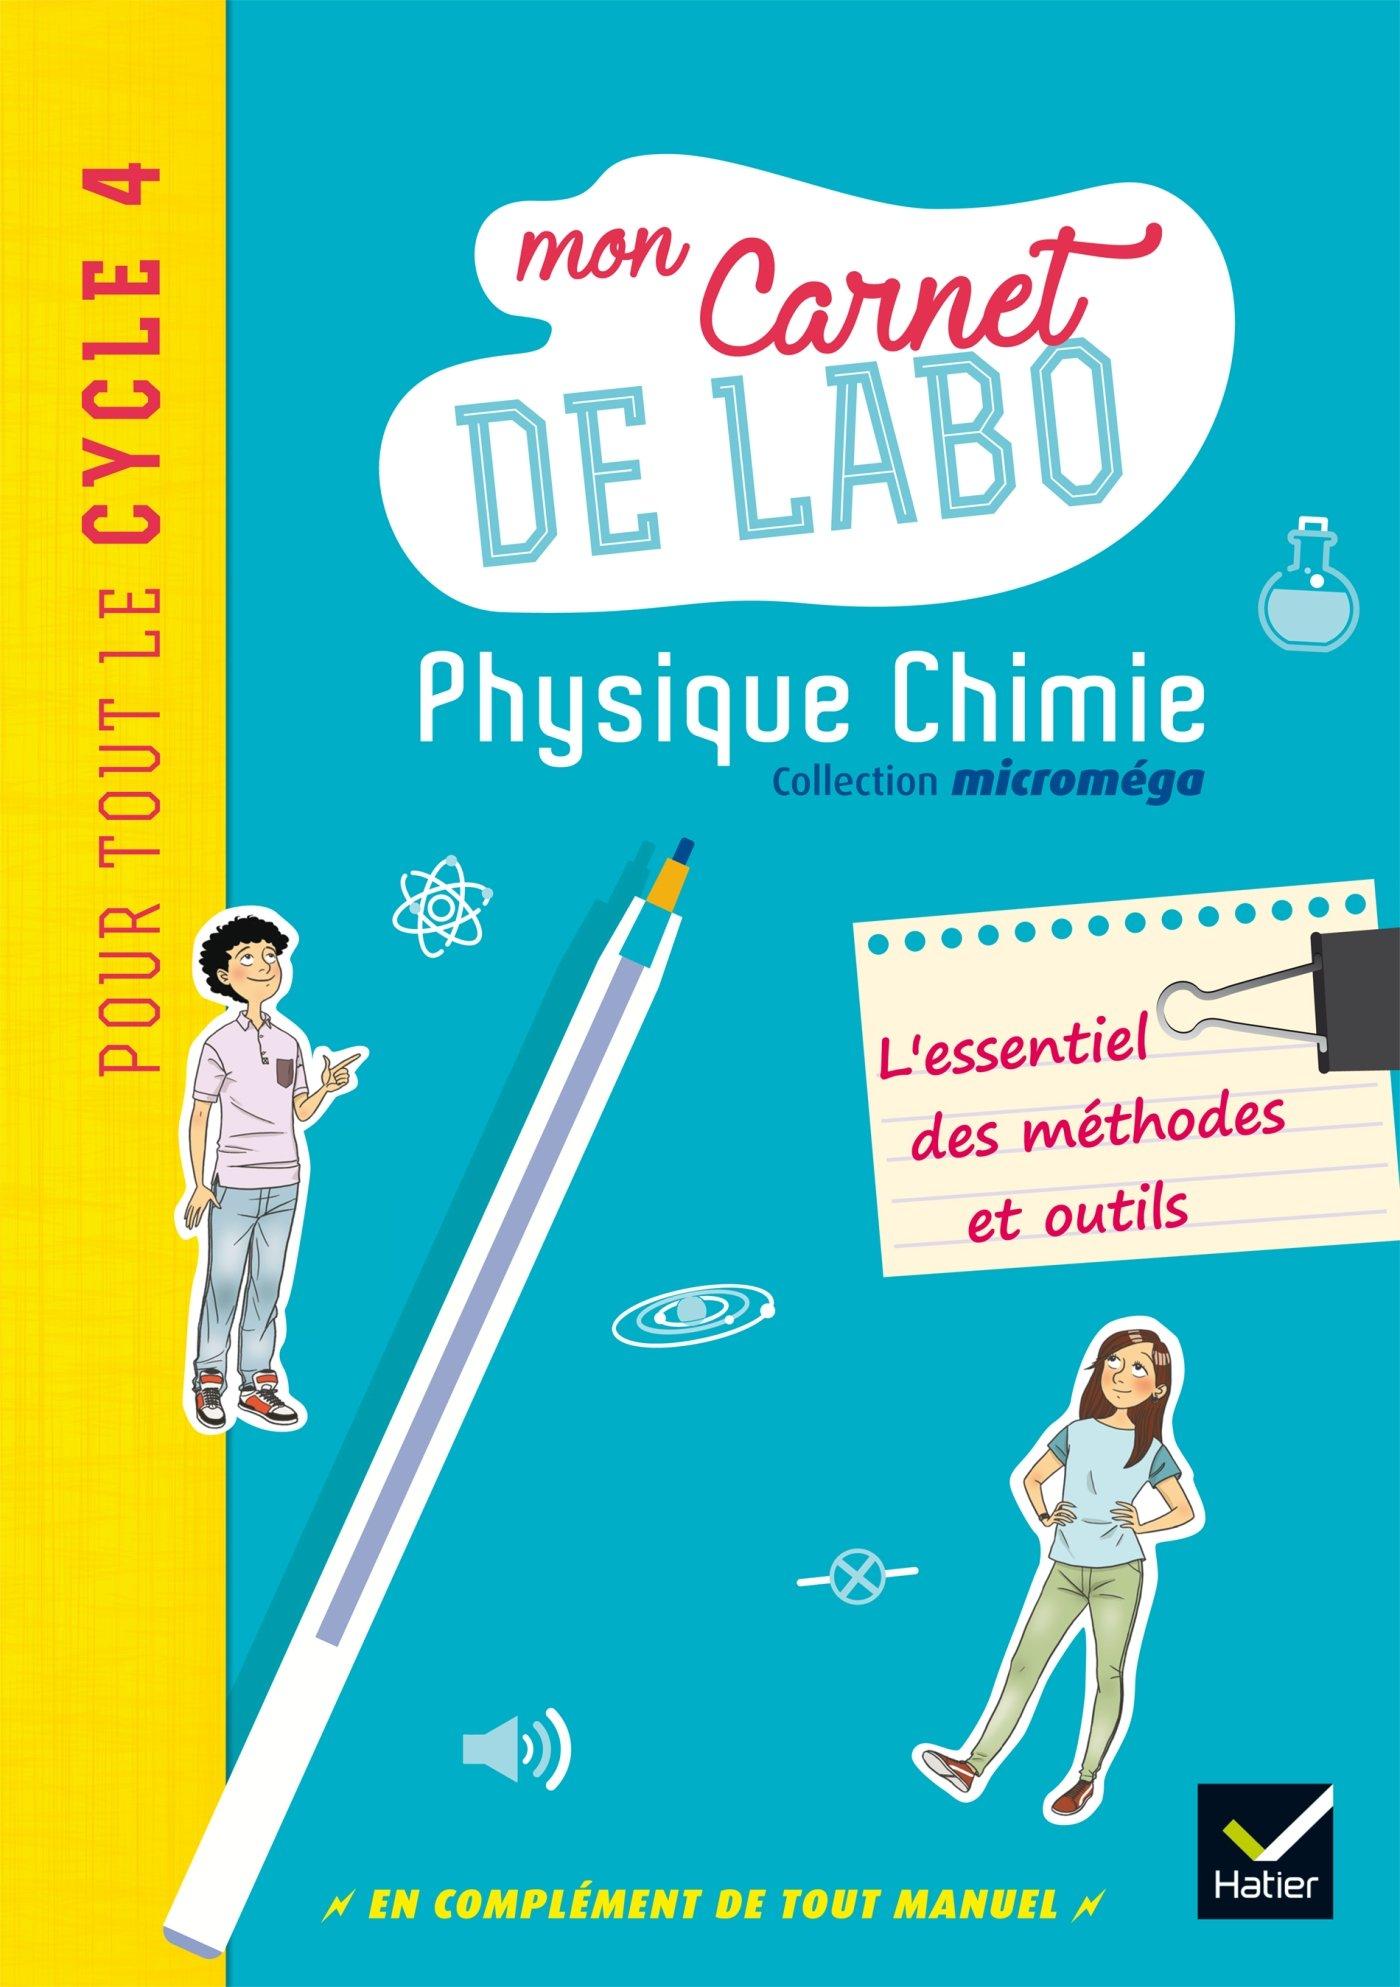 Microméga - Physique-Chimie Cycle 4 Éd. 2017 - Mon carnet de labo Broché – 3 mai 2017 Christophe Daujean Fabrice Massa Hatier 240102168X